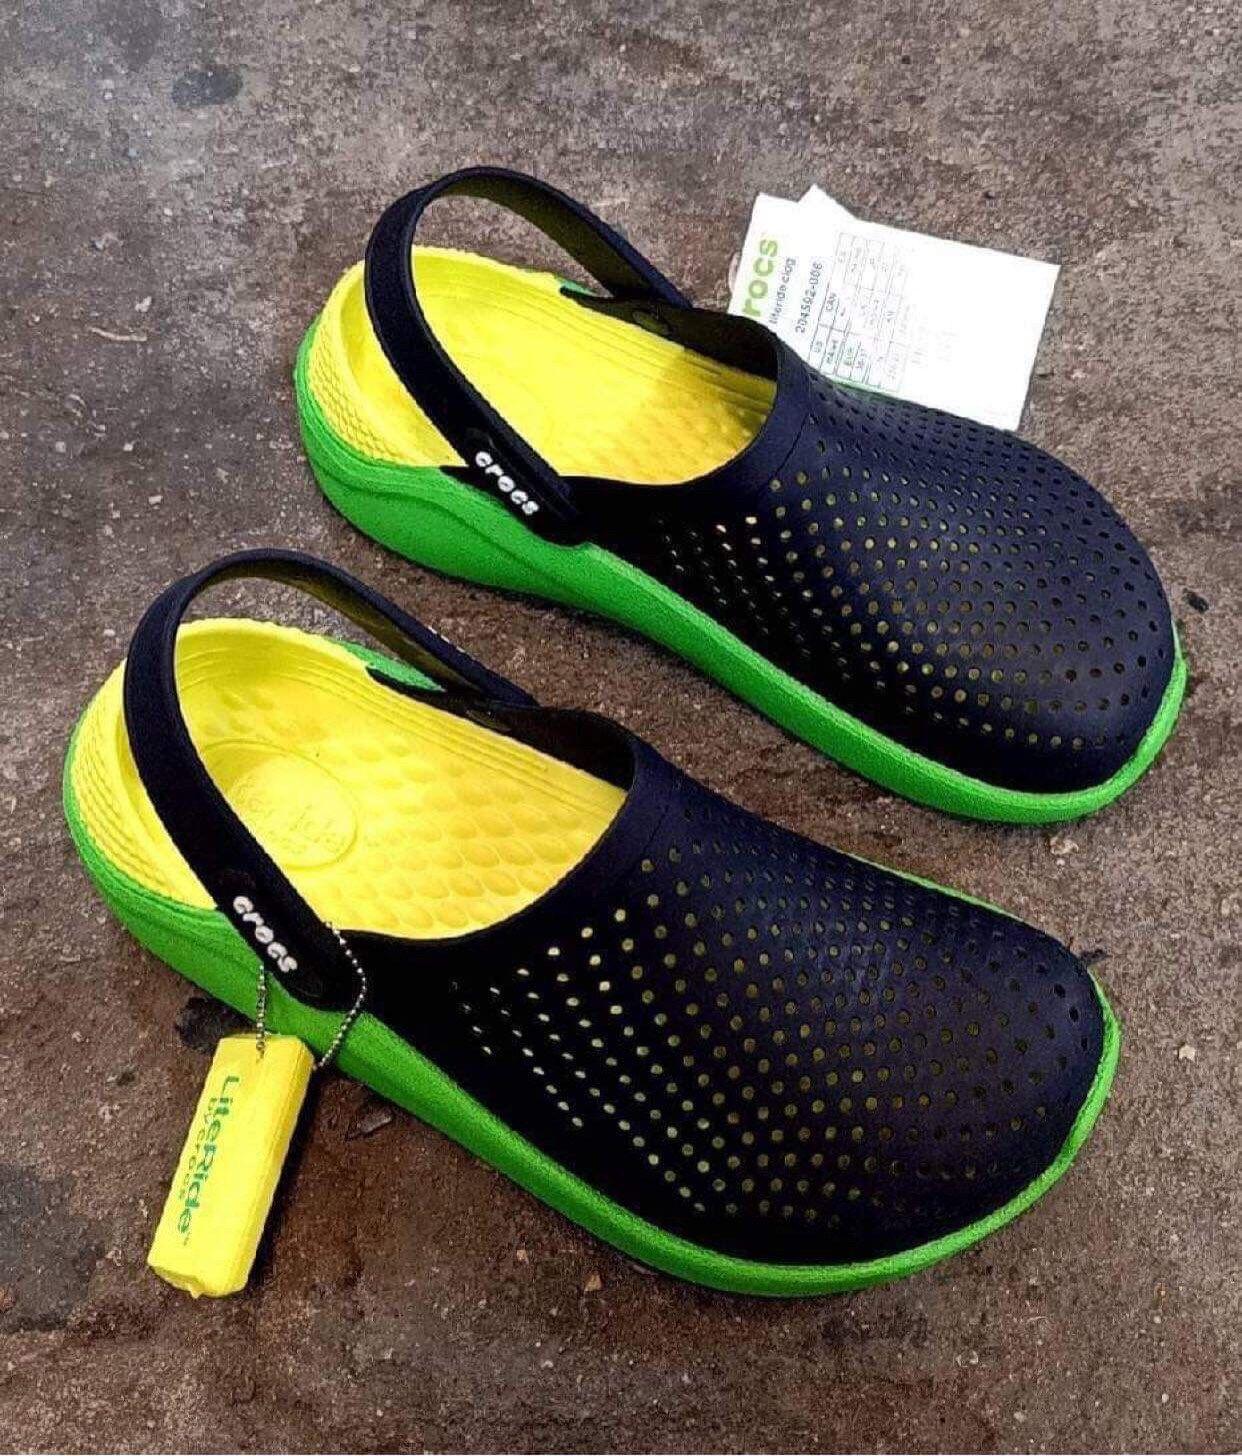 รองเท้าแตะ Literide ใส่สบาย ทั้งชายและหญิง วัสดุผลิตจากยางแท้ 100% D1.